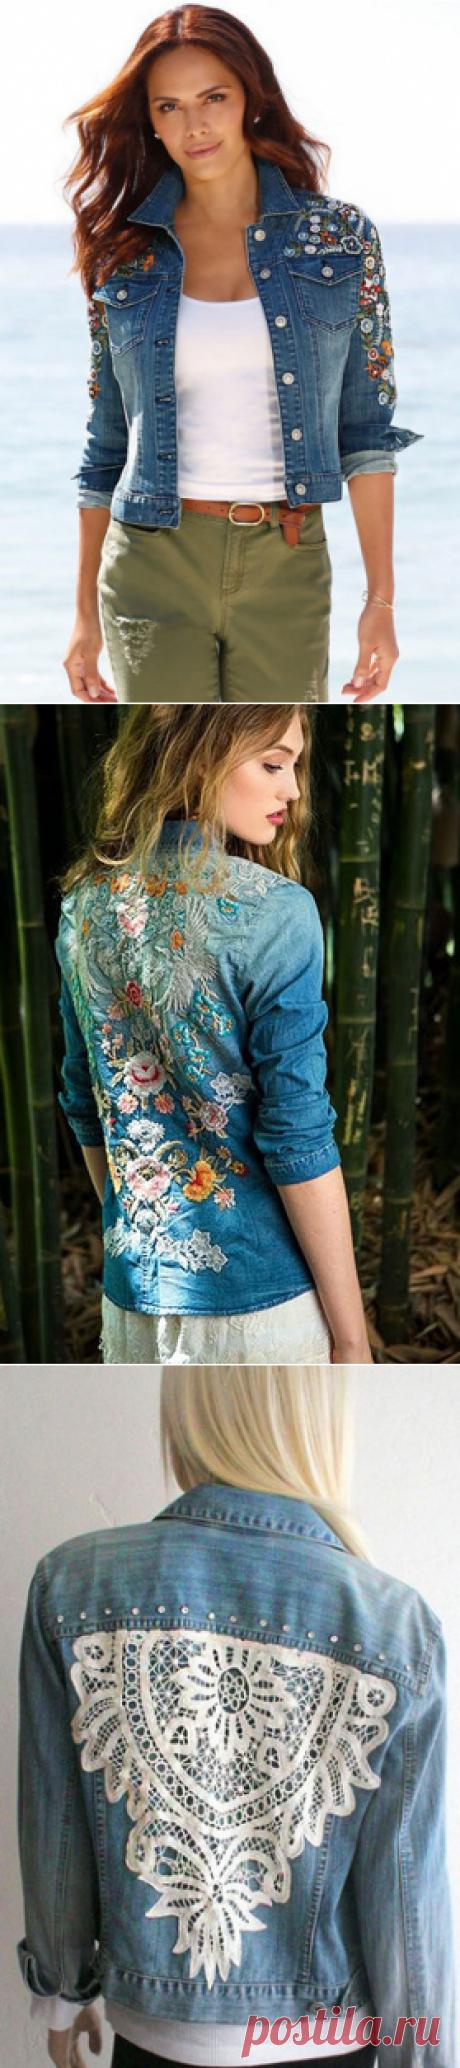 Многообразный декор джинсовых курток: более 20 потрясающих вариантов… — Це Цікаво